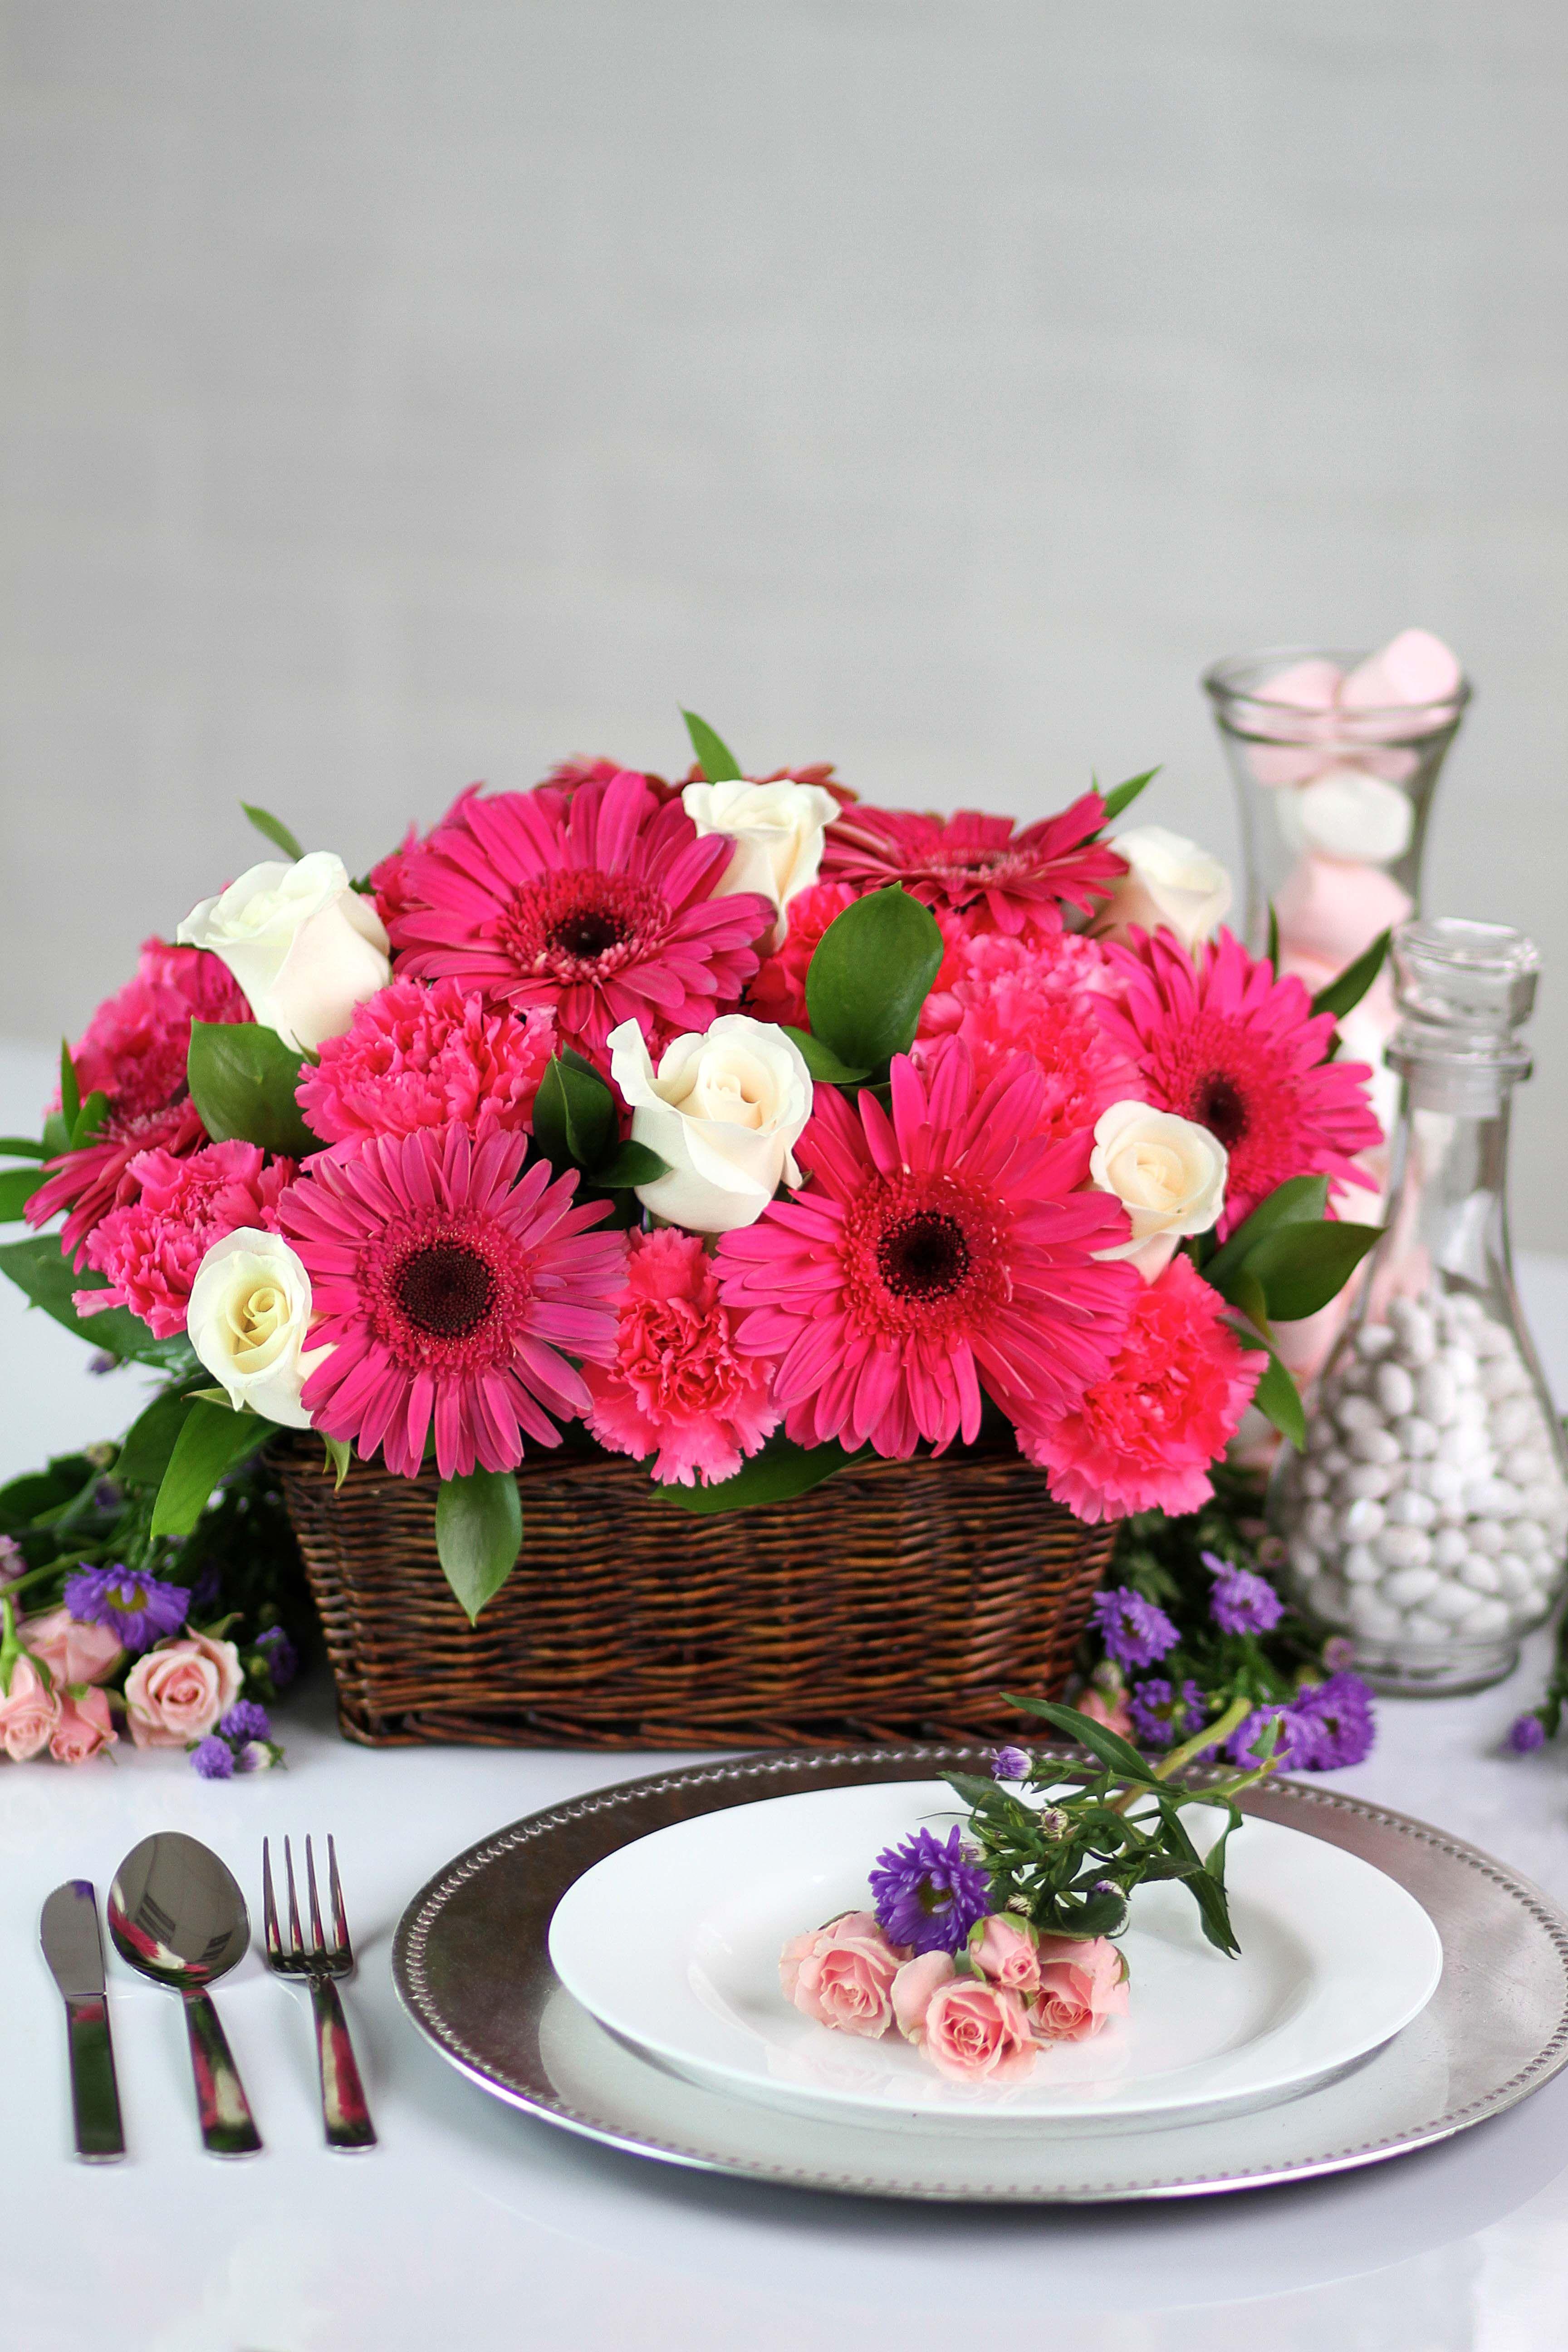 Un Hermoso Arreglo Floral En Canasta Para Decorar Tu Mesa